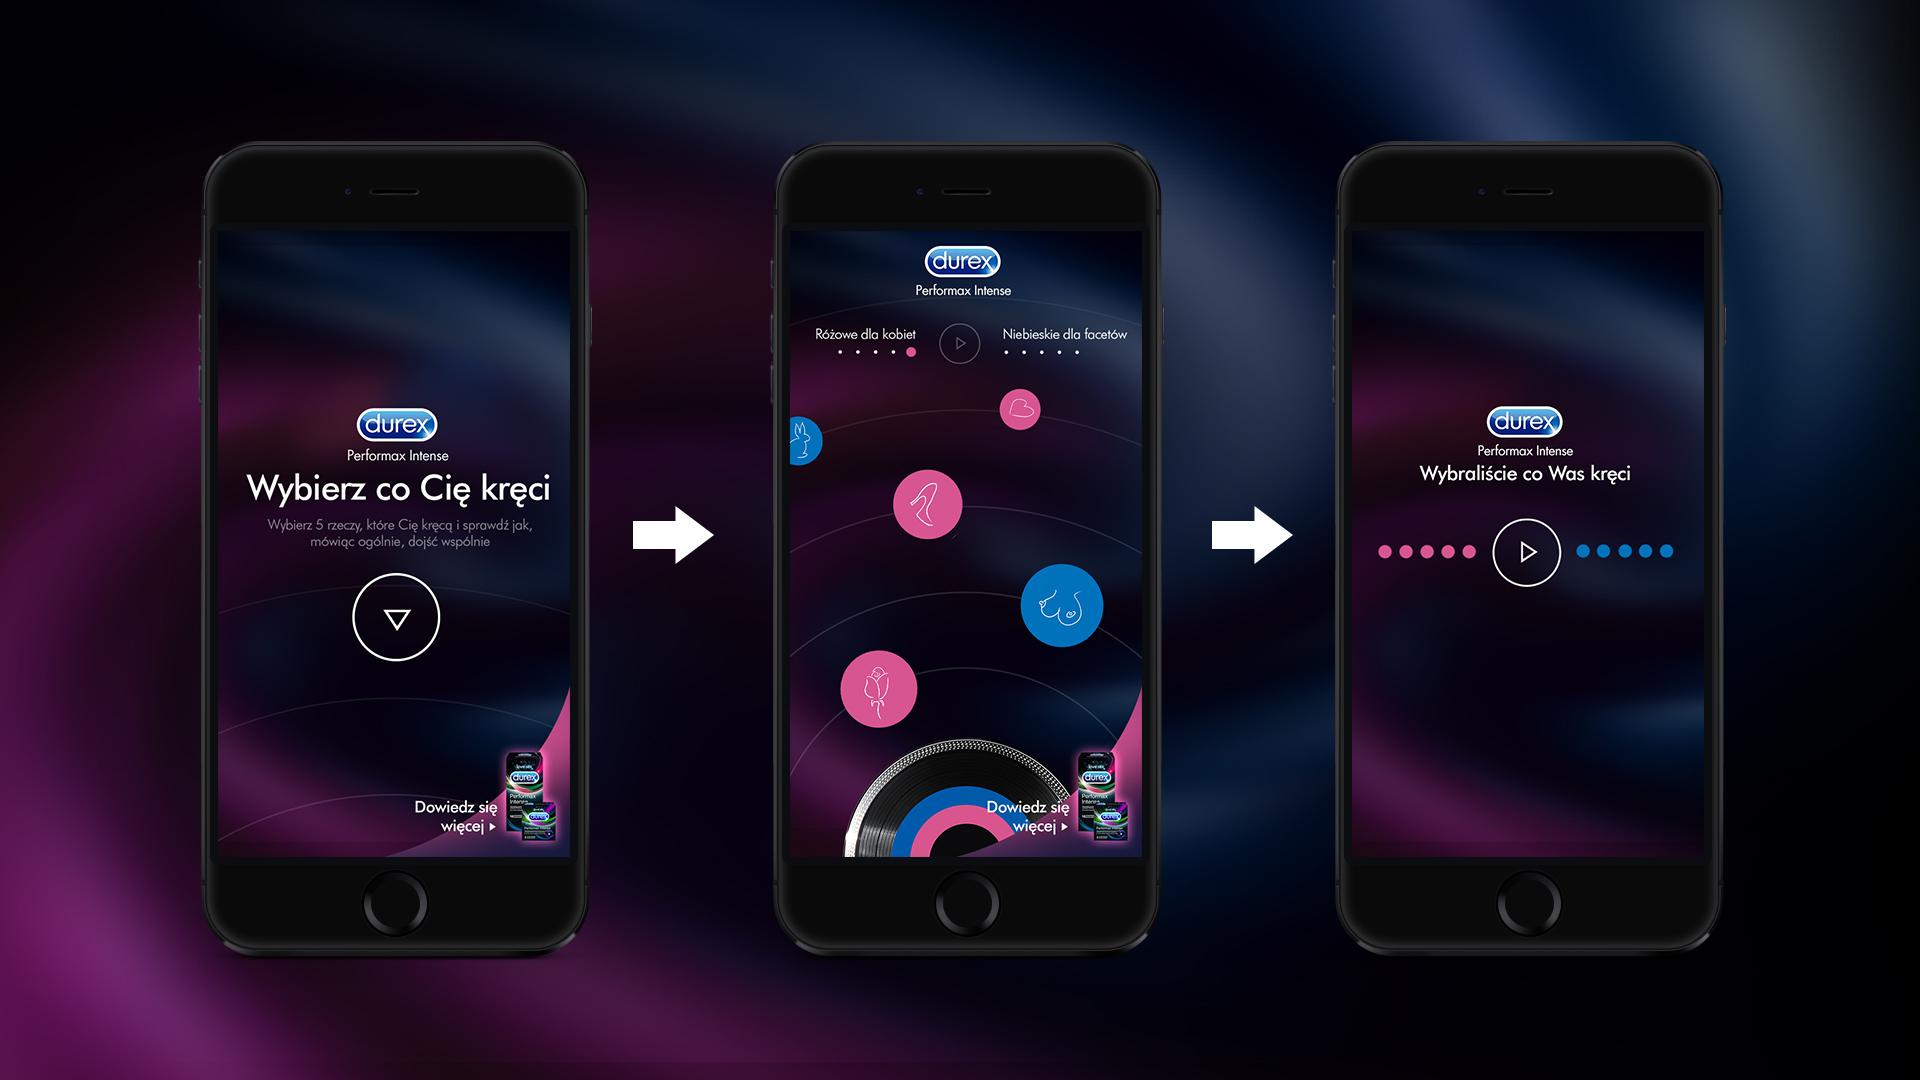 mediarun-com-k2-durex-app